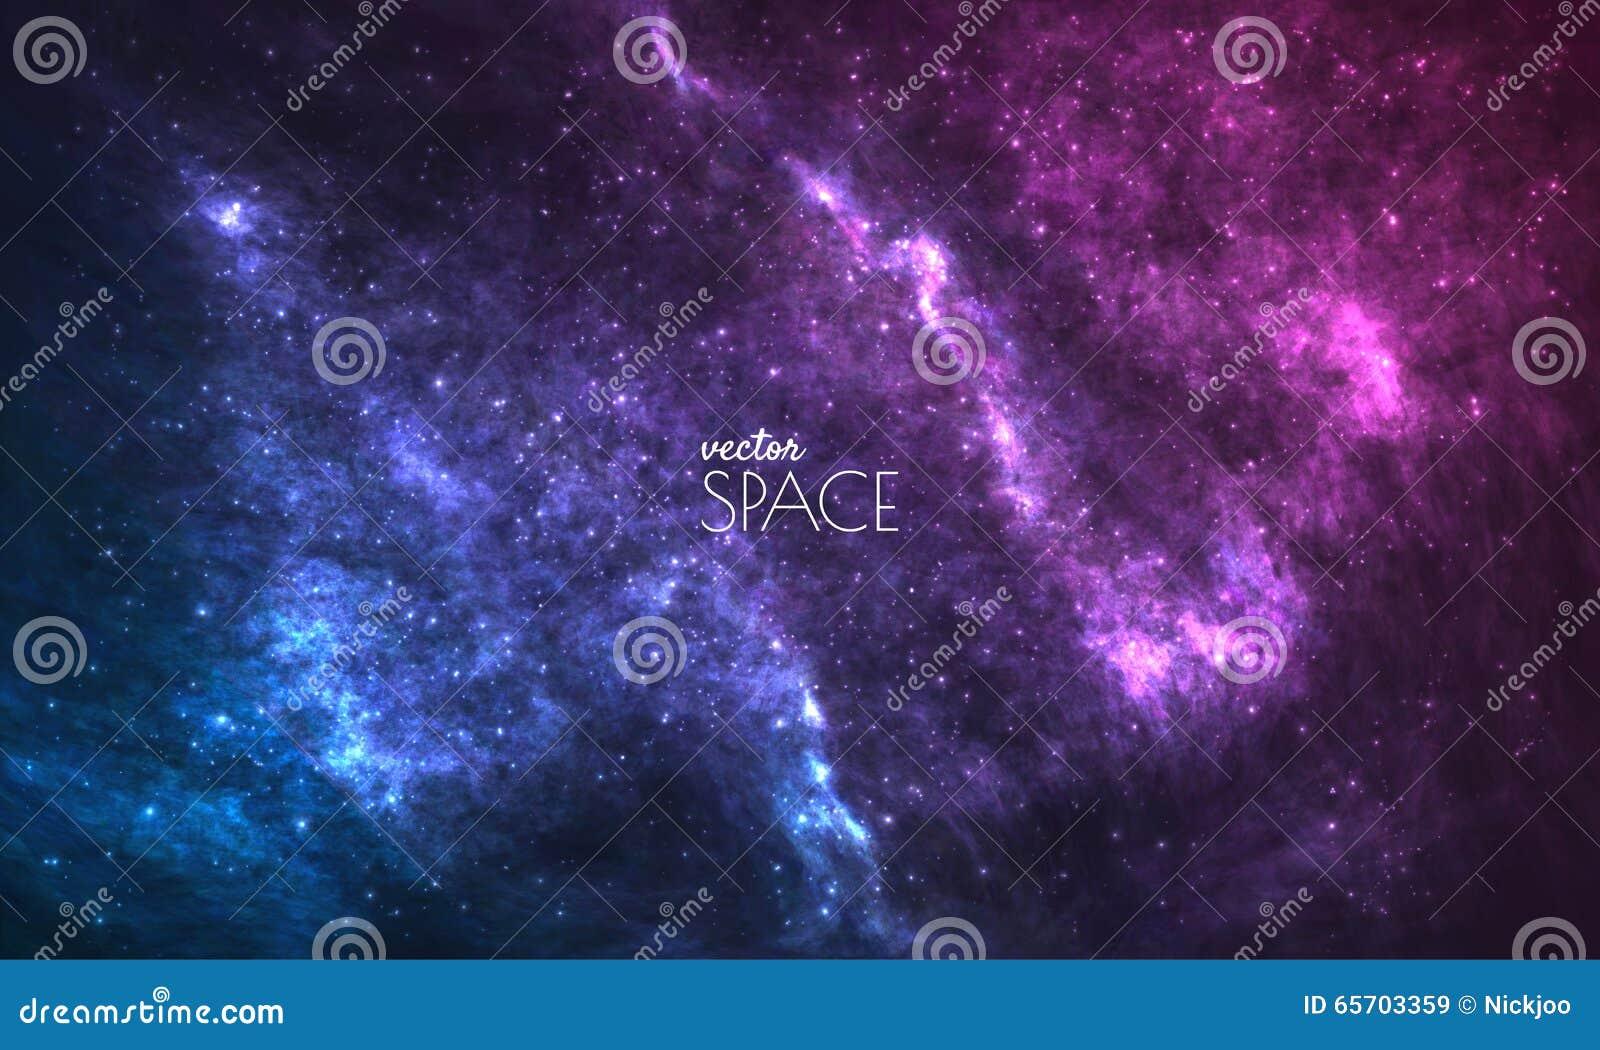 Kosmische Melkwegachtergrond met nevel, stardust en heldere glanzende sterren Vectorillustratie voor uw ontwerp, kunstwerken